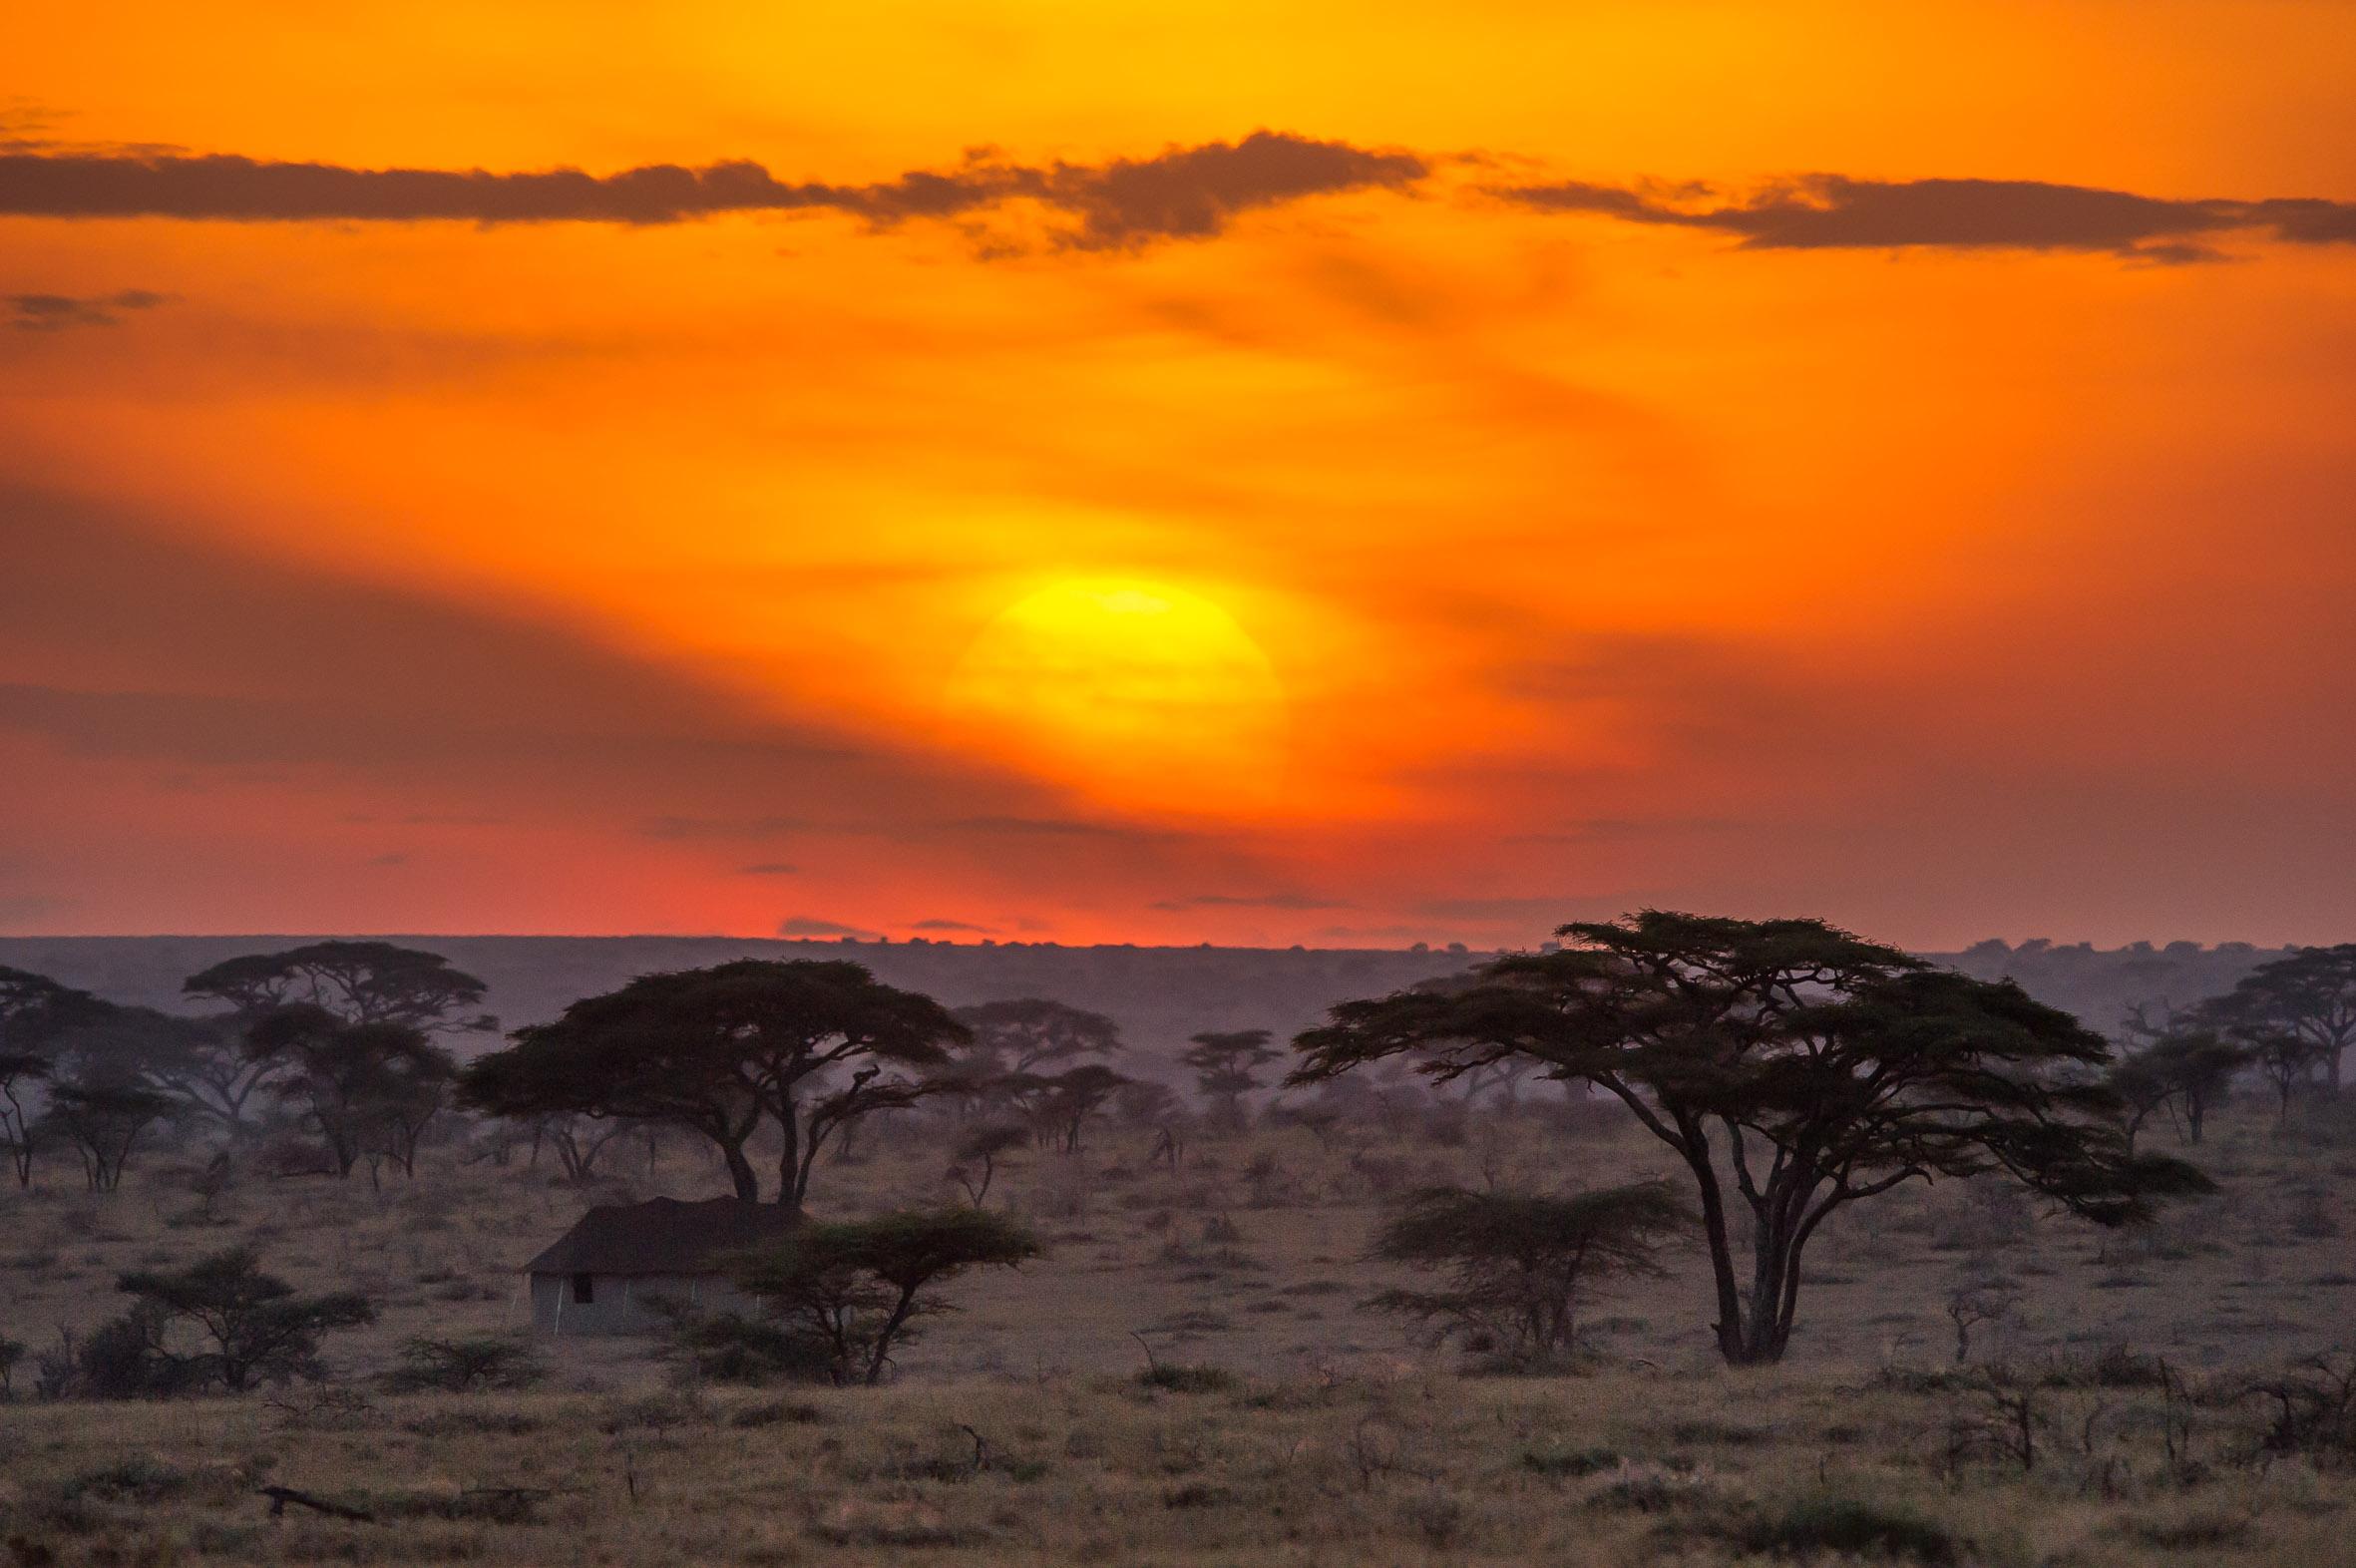 Serengeti-Namiri-Plains-Scenery-Sunset-Paul-Joynson-Hicks-LR.jpg